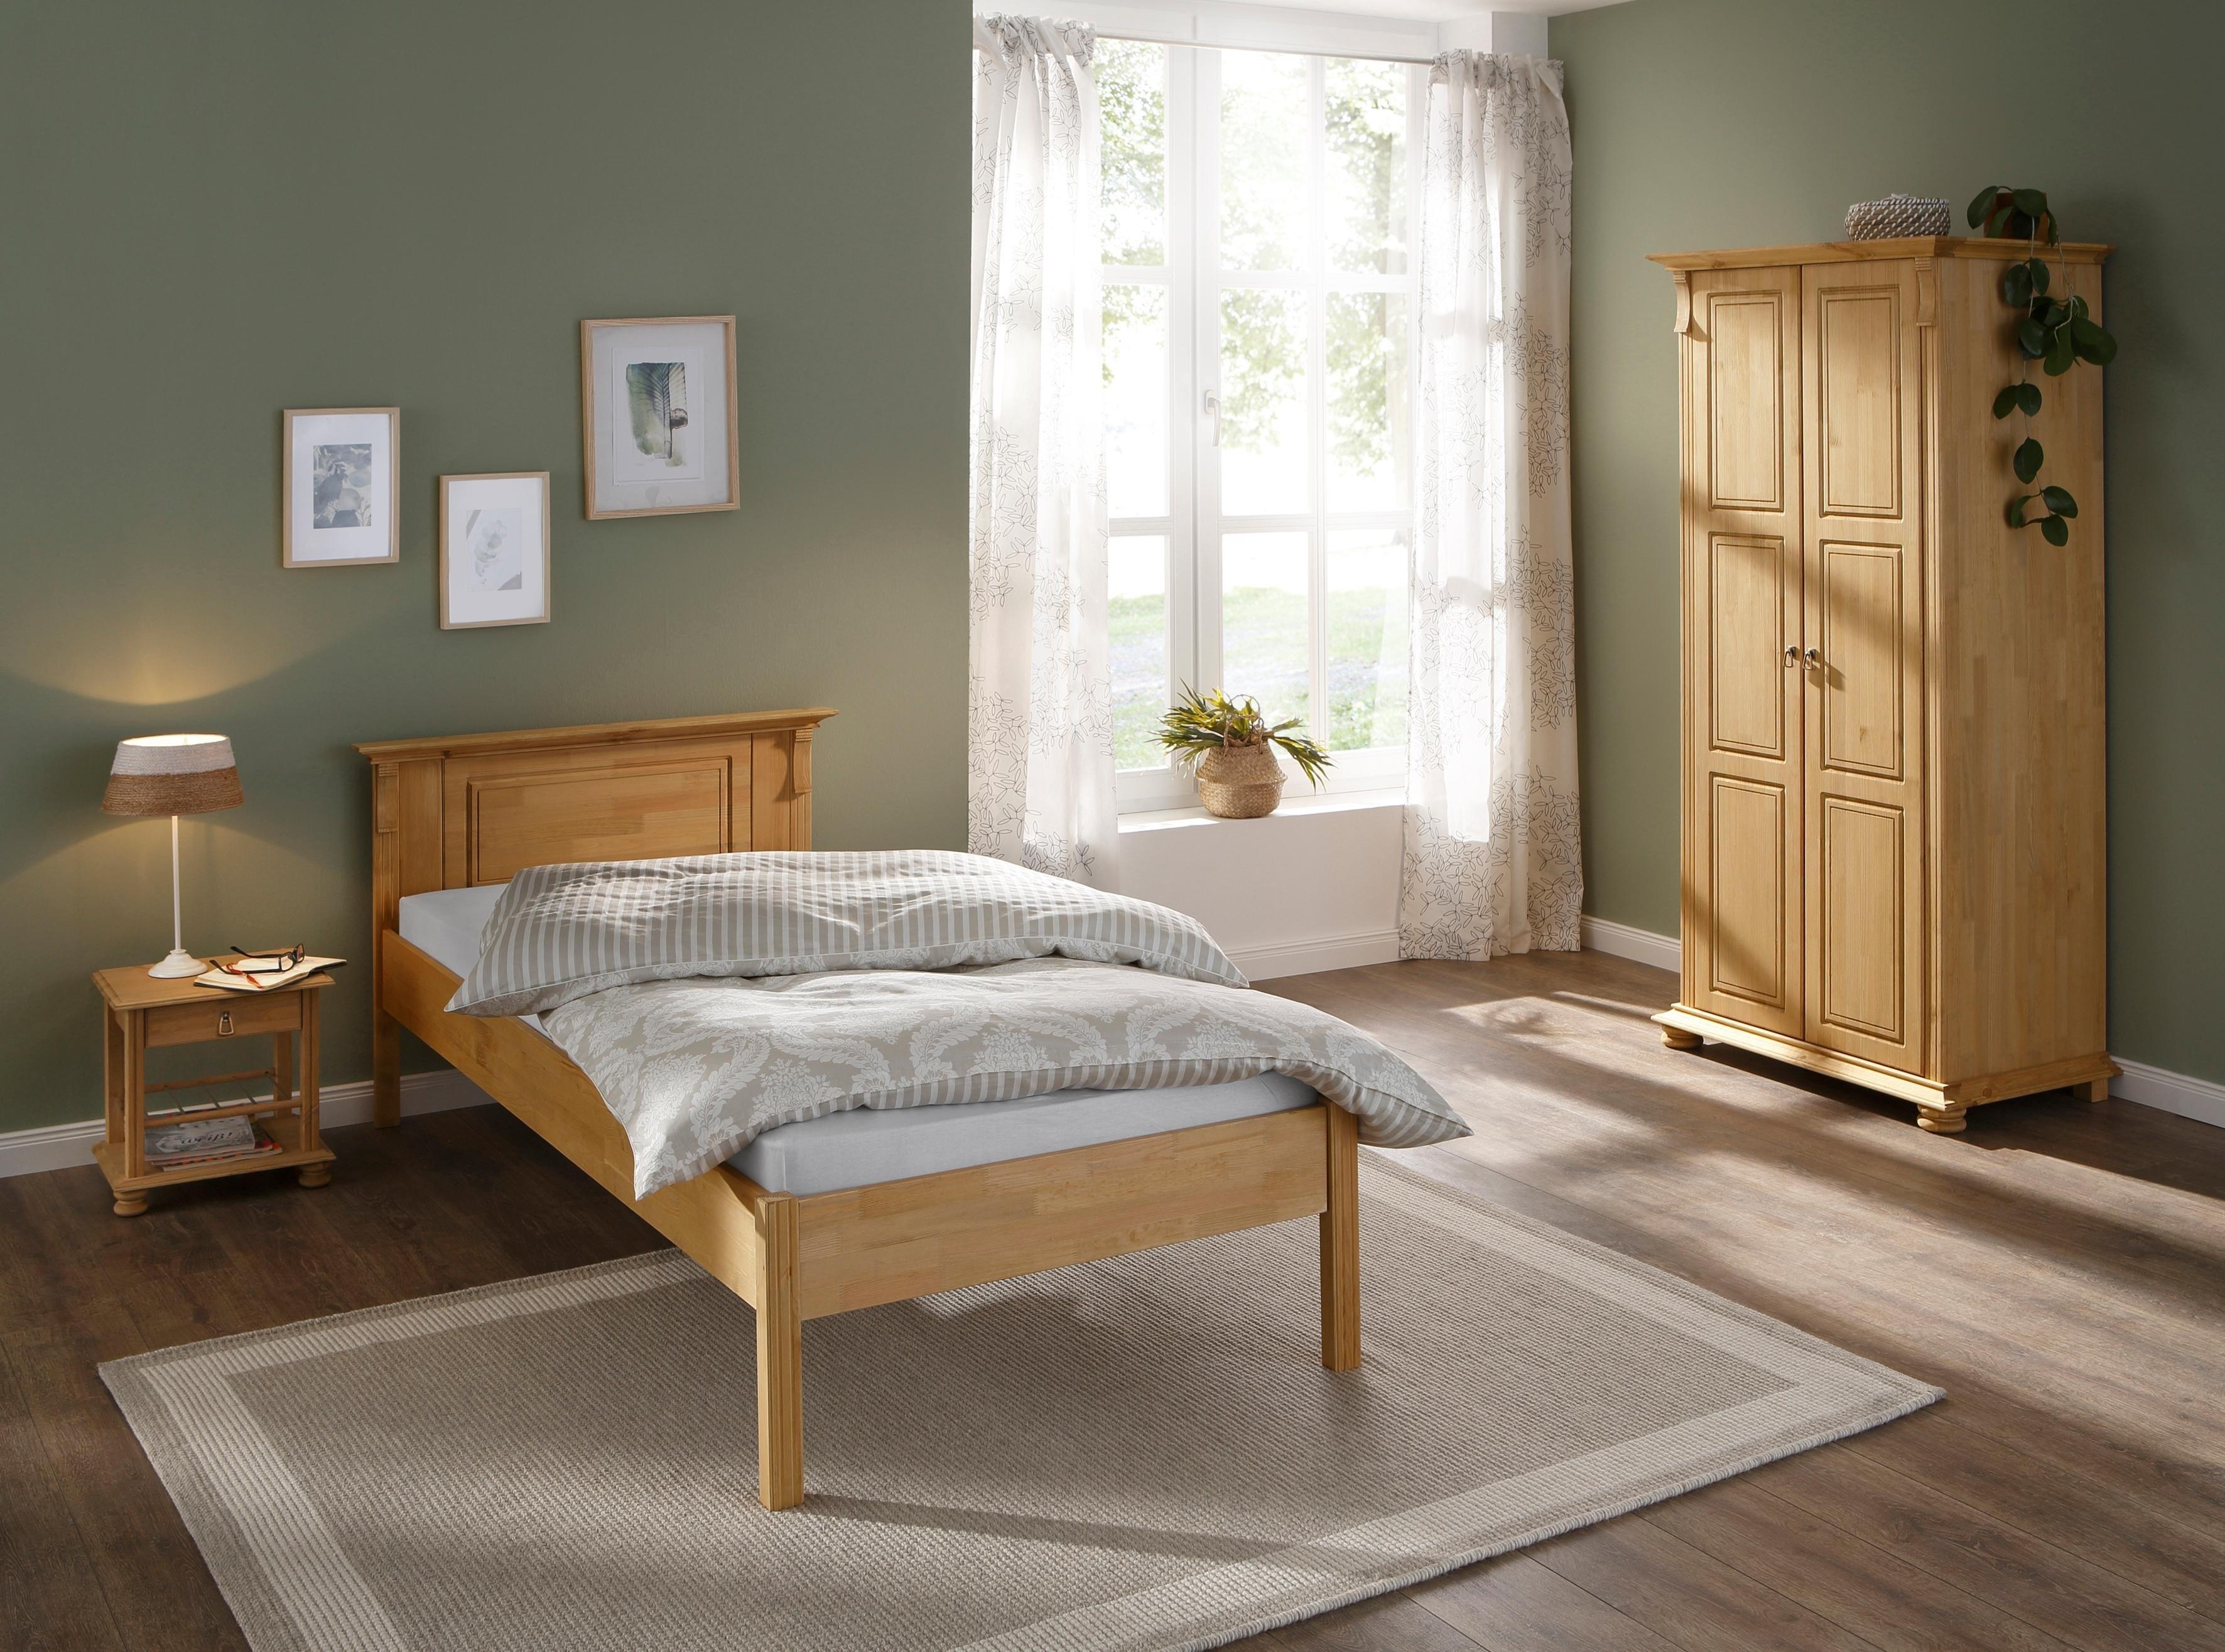 Home affaire slaapkamerserie Mitu gemaakt van massief grenen (3 delen) (set, 3 stuks) nu online kopen bij OTTO